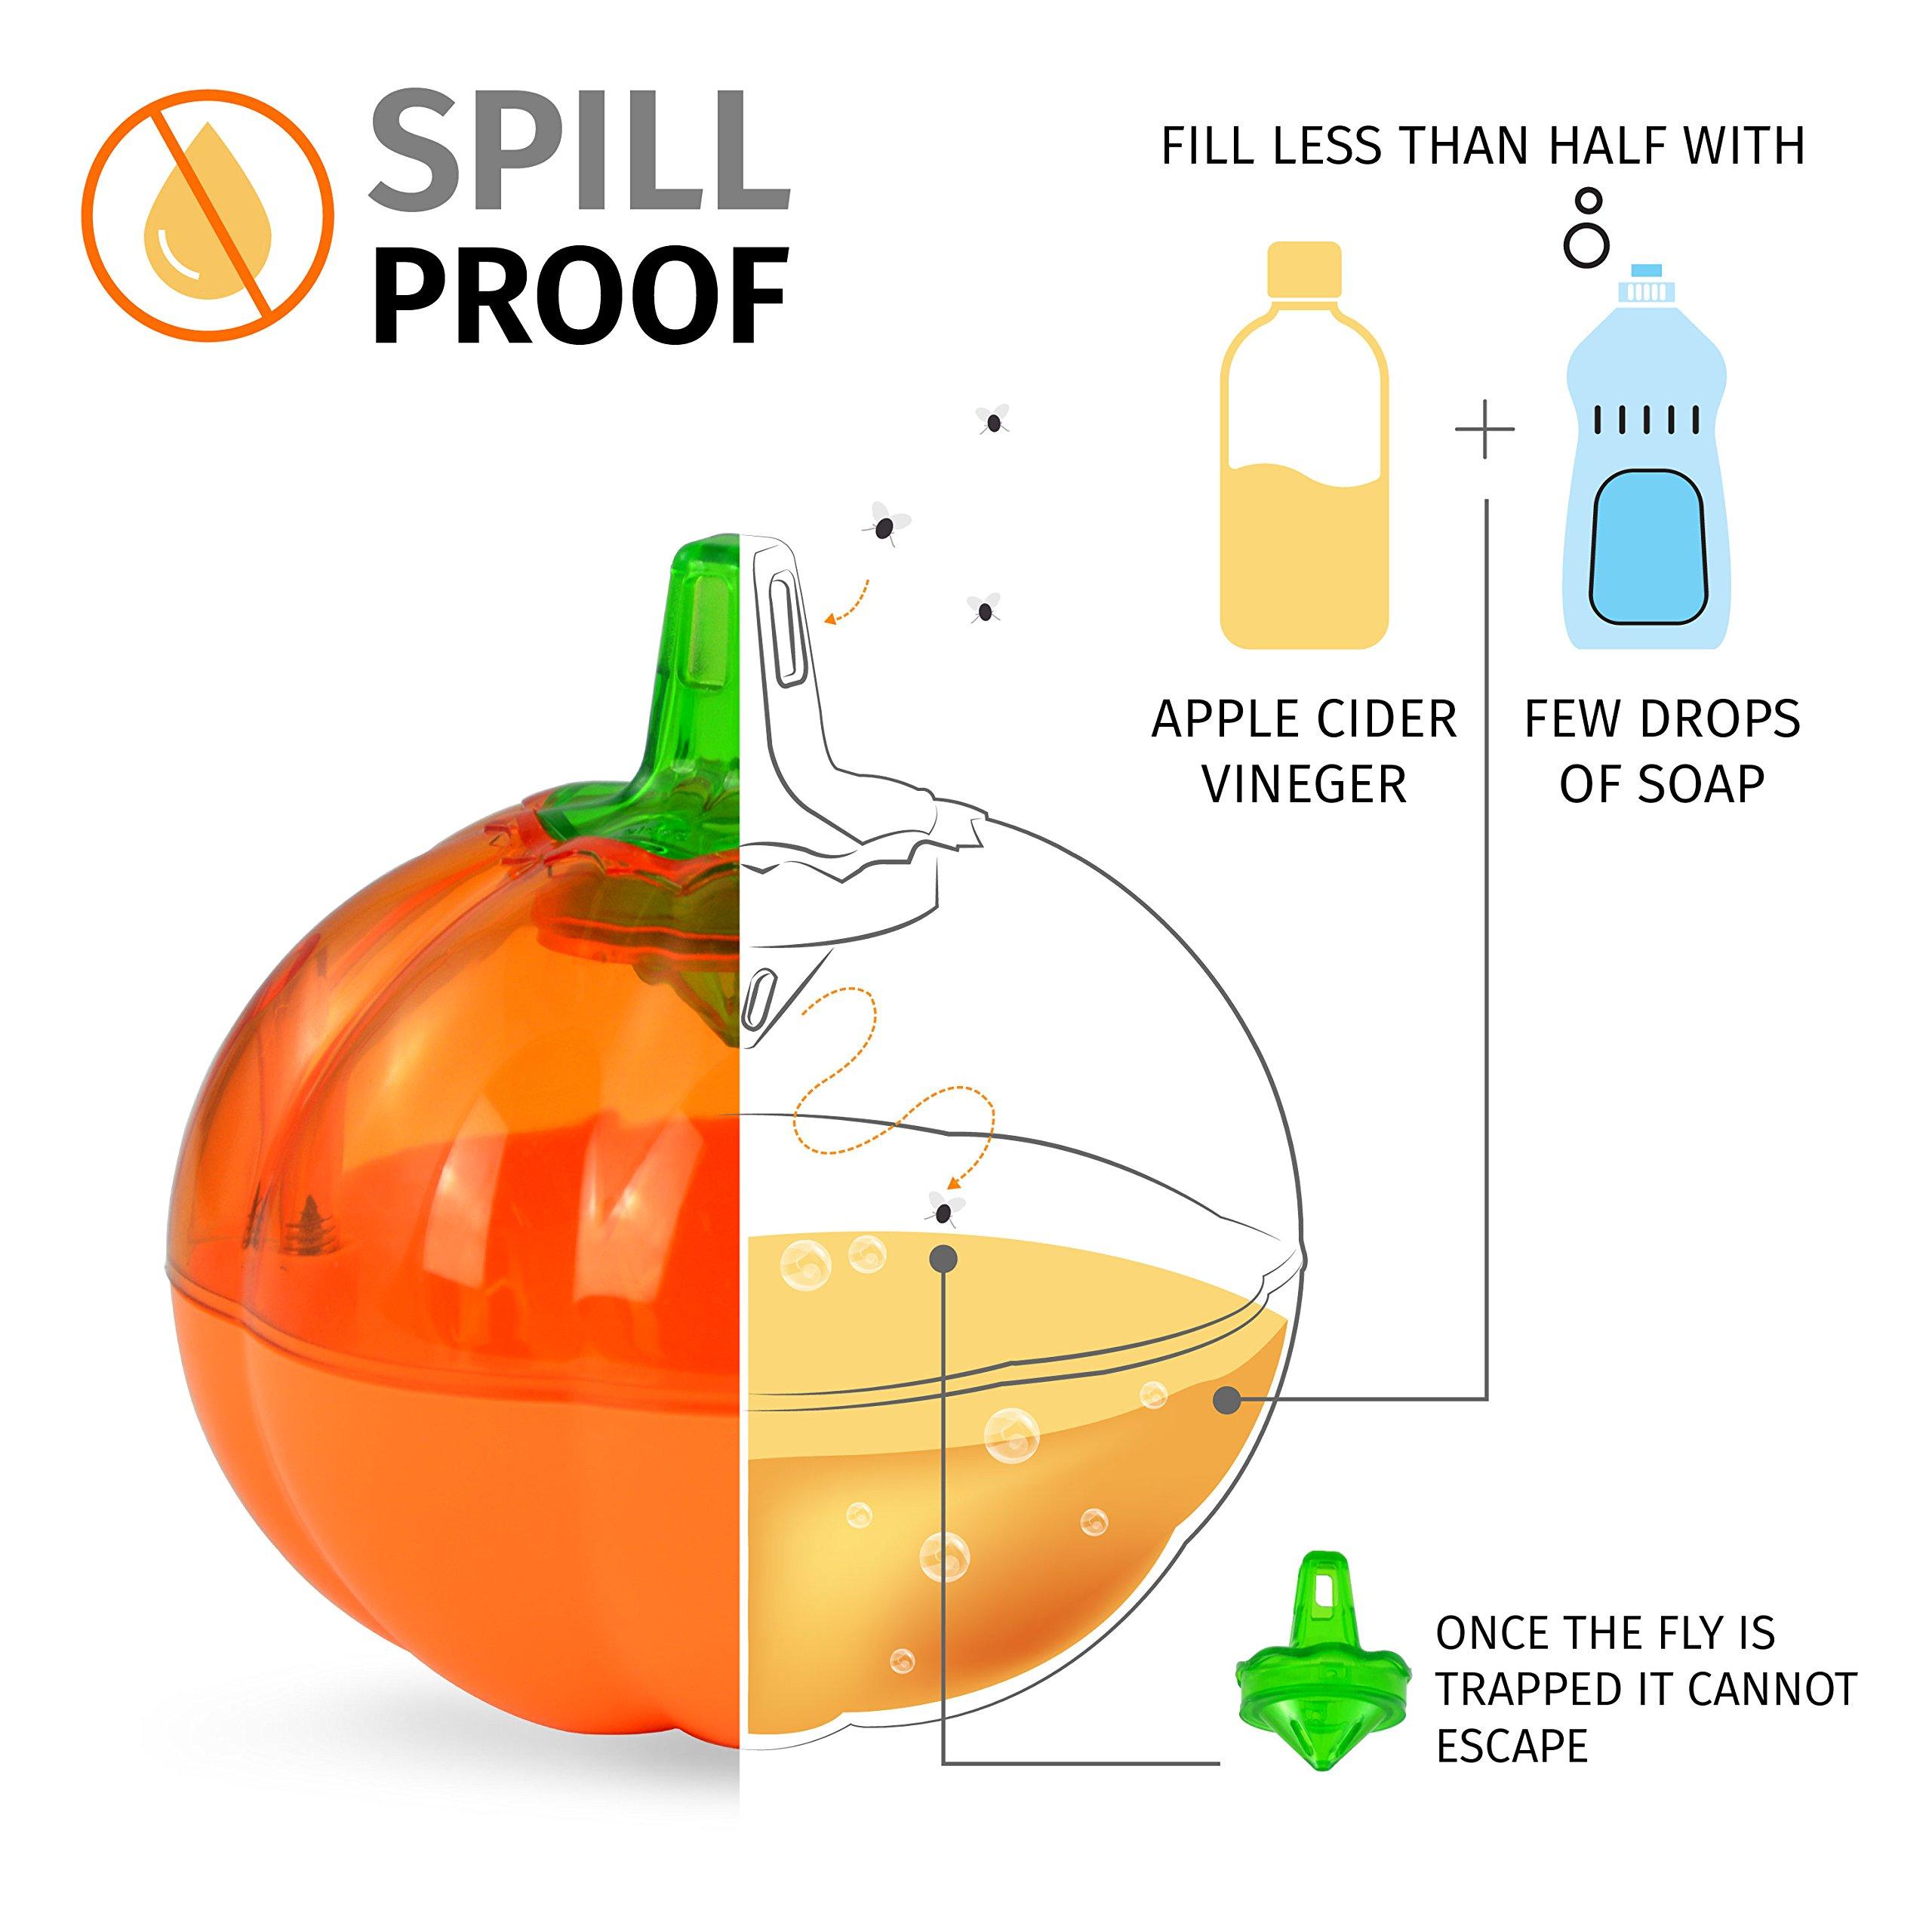 Aspectek Fruit Fly Trap, Pumpkin Shape, Pack of 2 by Aspectek (Image #4)